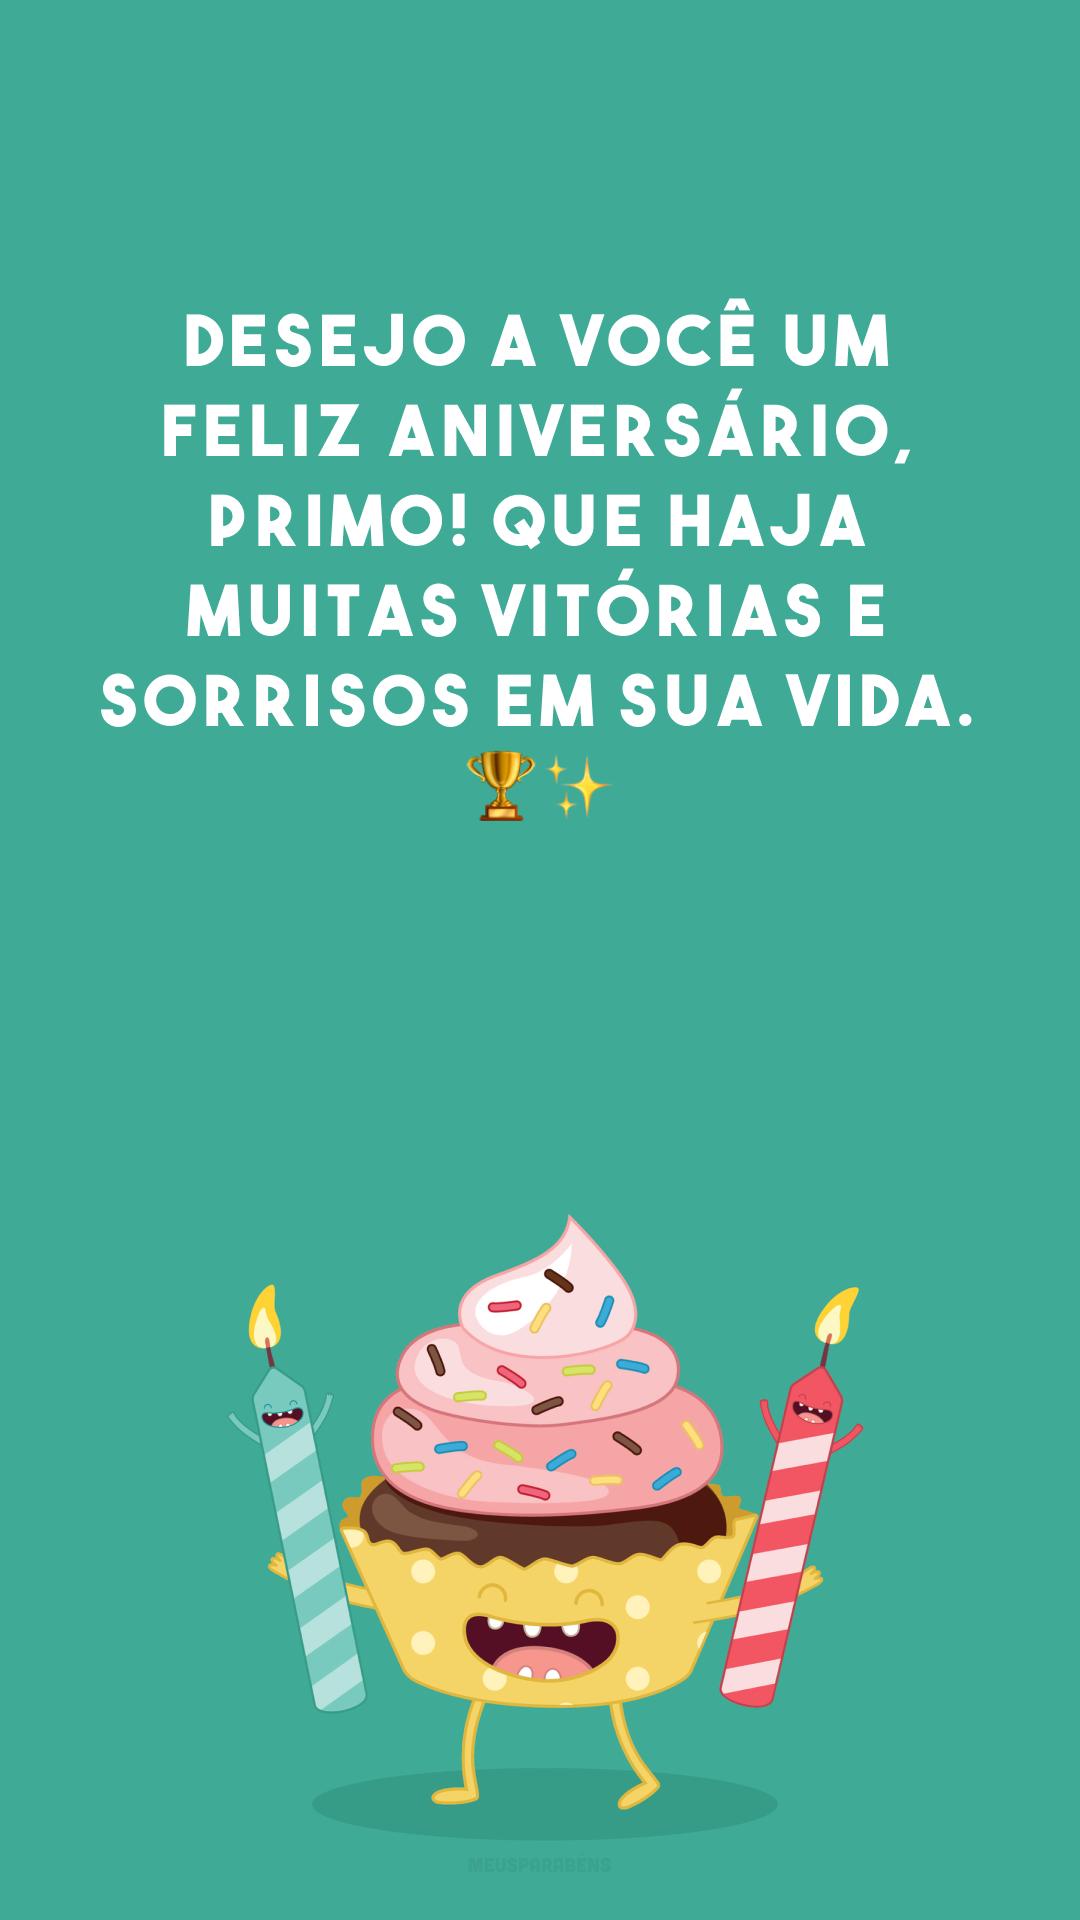 Desejo a você um feliz aniversário, primo! Que haja muitas vitórias e sorrisos em sua vida. 🏆✨